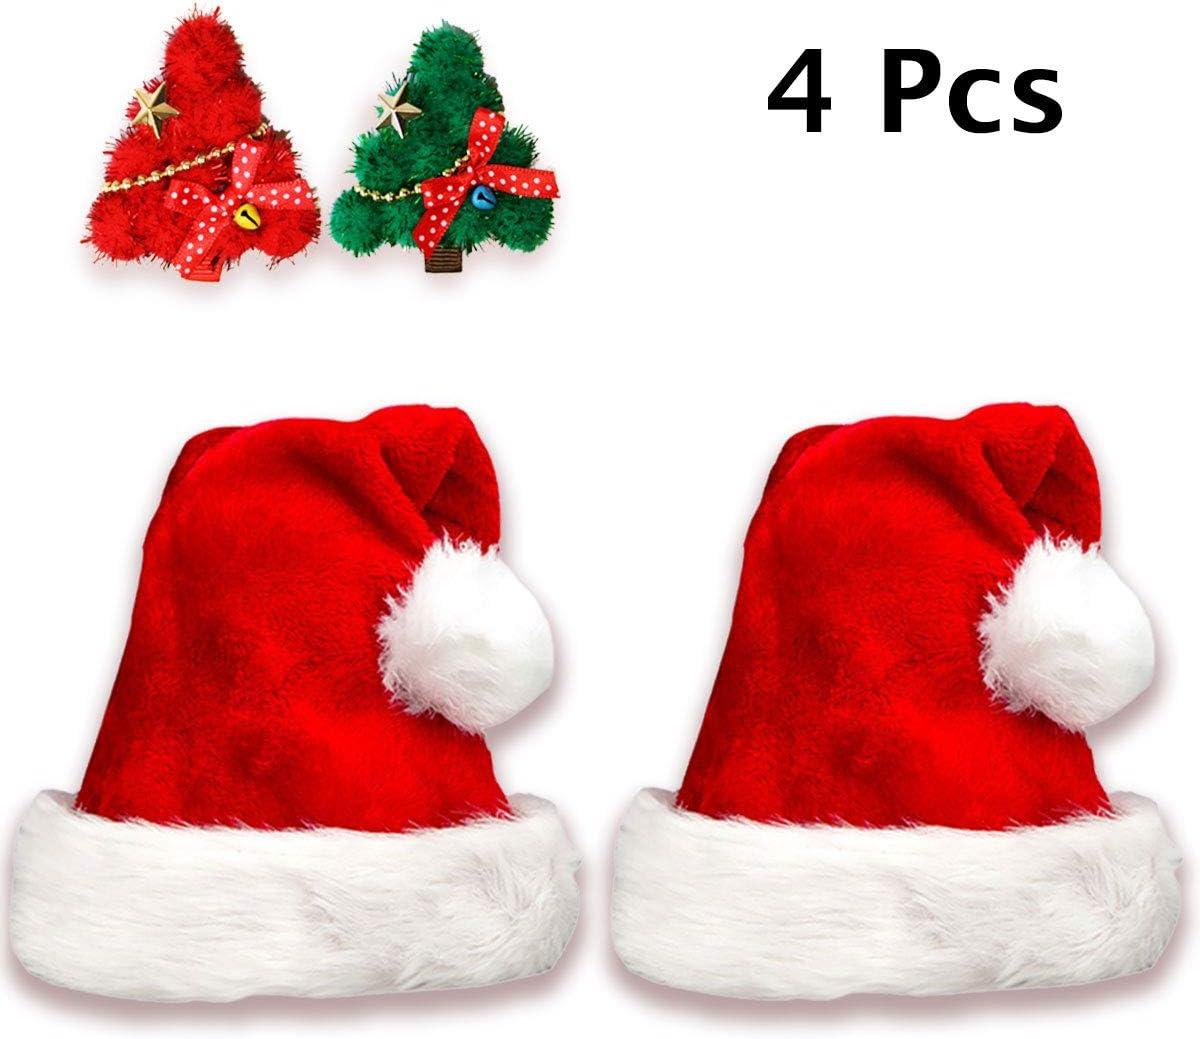 Jonami 2 Gorros de Papa Noel + 2 Pinzas de Pelo, Gorro Navideño y Sombreros de Santa Claus Tradicionales Rojos y Blanco + 2 Clips de Pelo. Accesorios de Navidad para Regalos